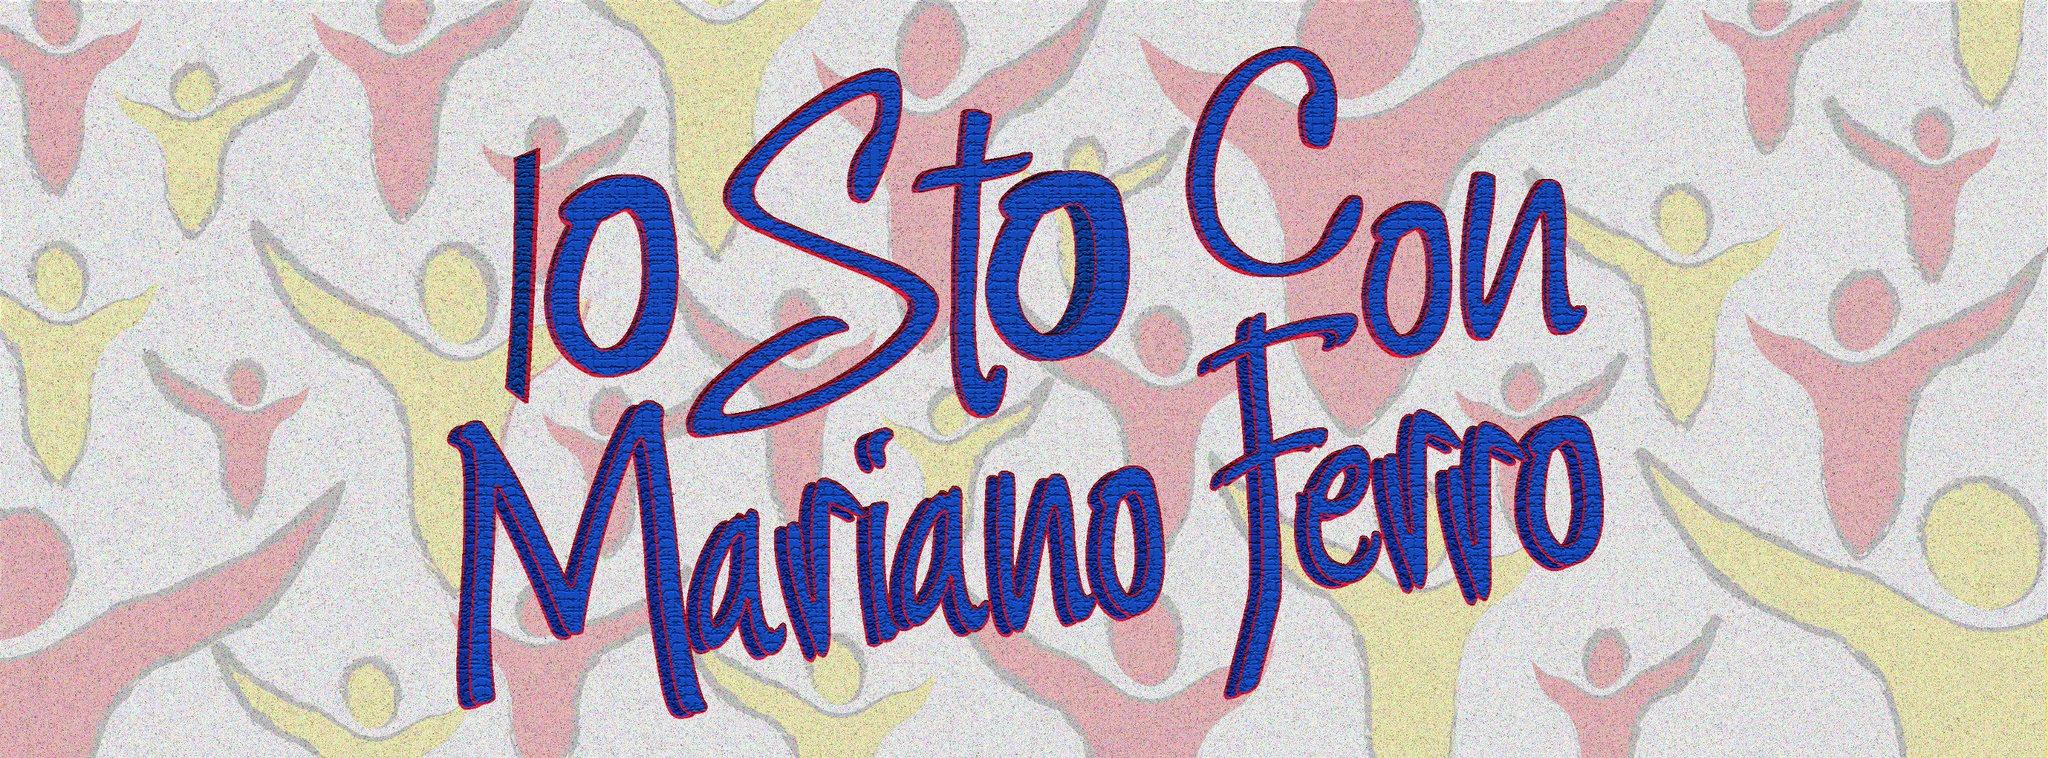 MARIANO FERRO FORCONI